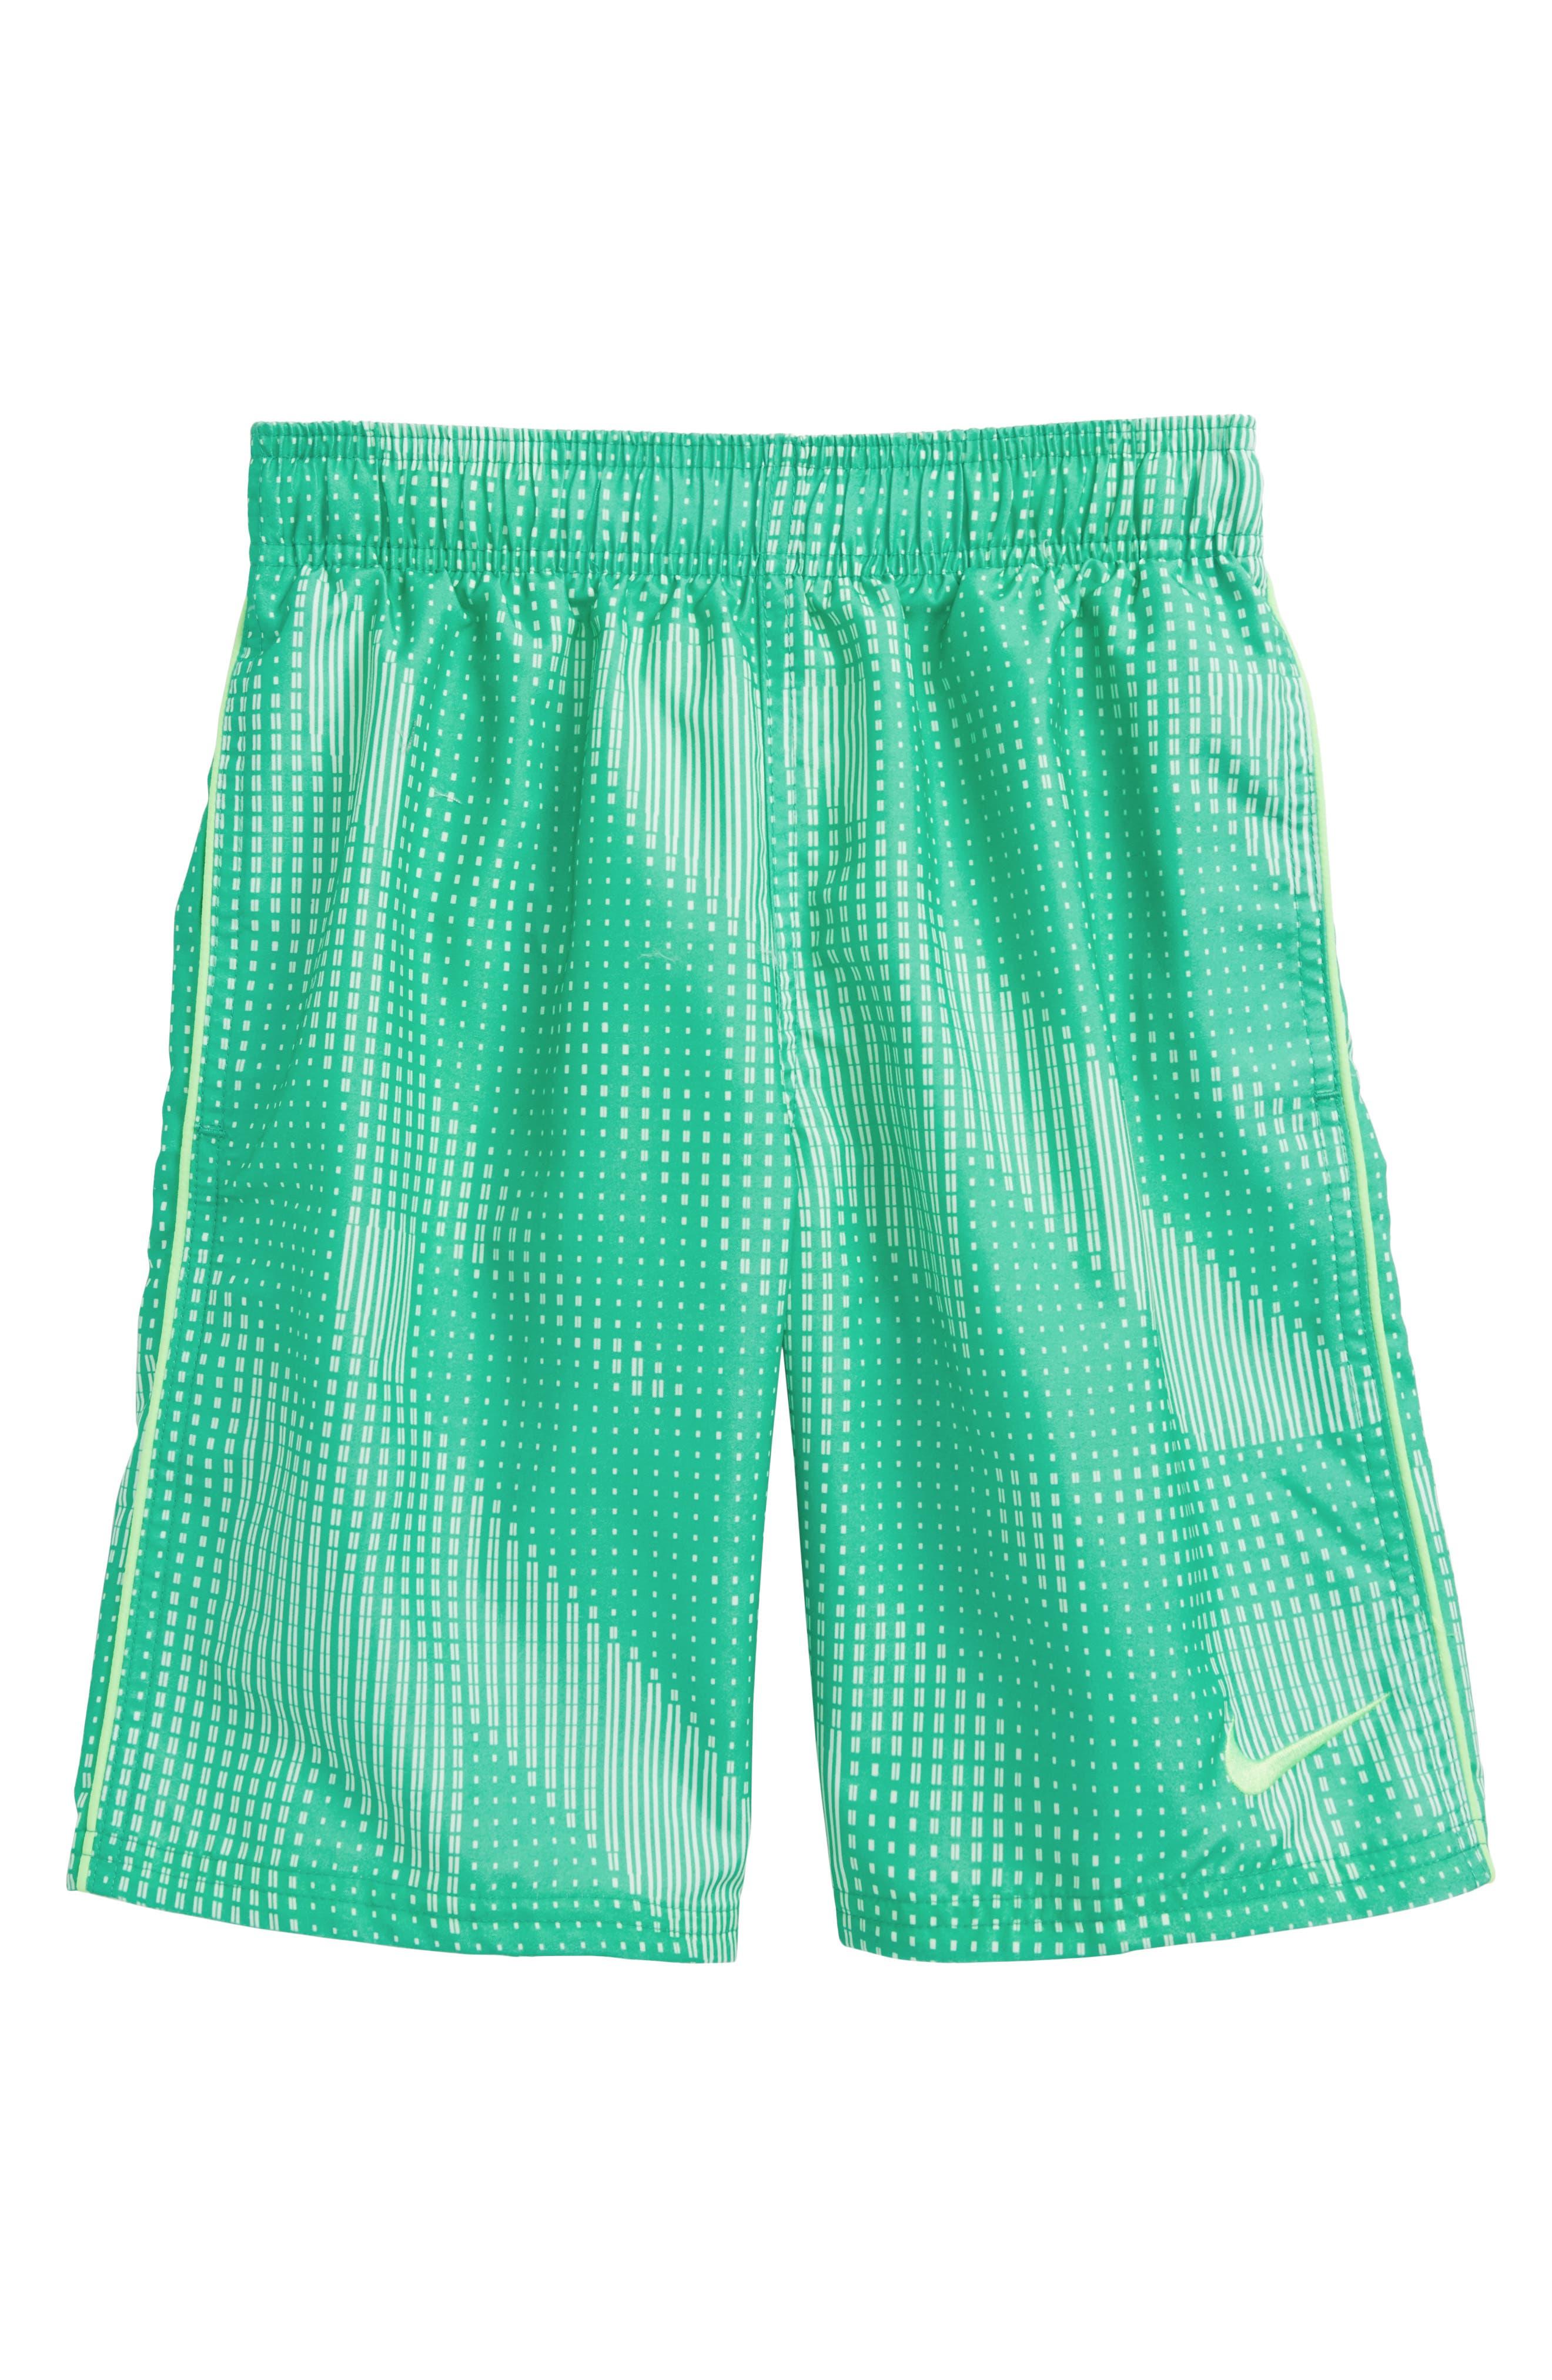 Diverge Volley Shorts,                             Main thumbnail 1, color,                             370